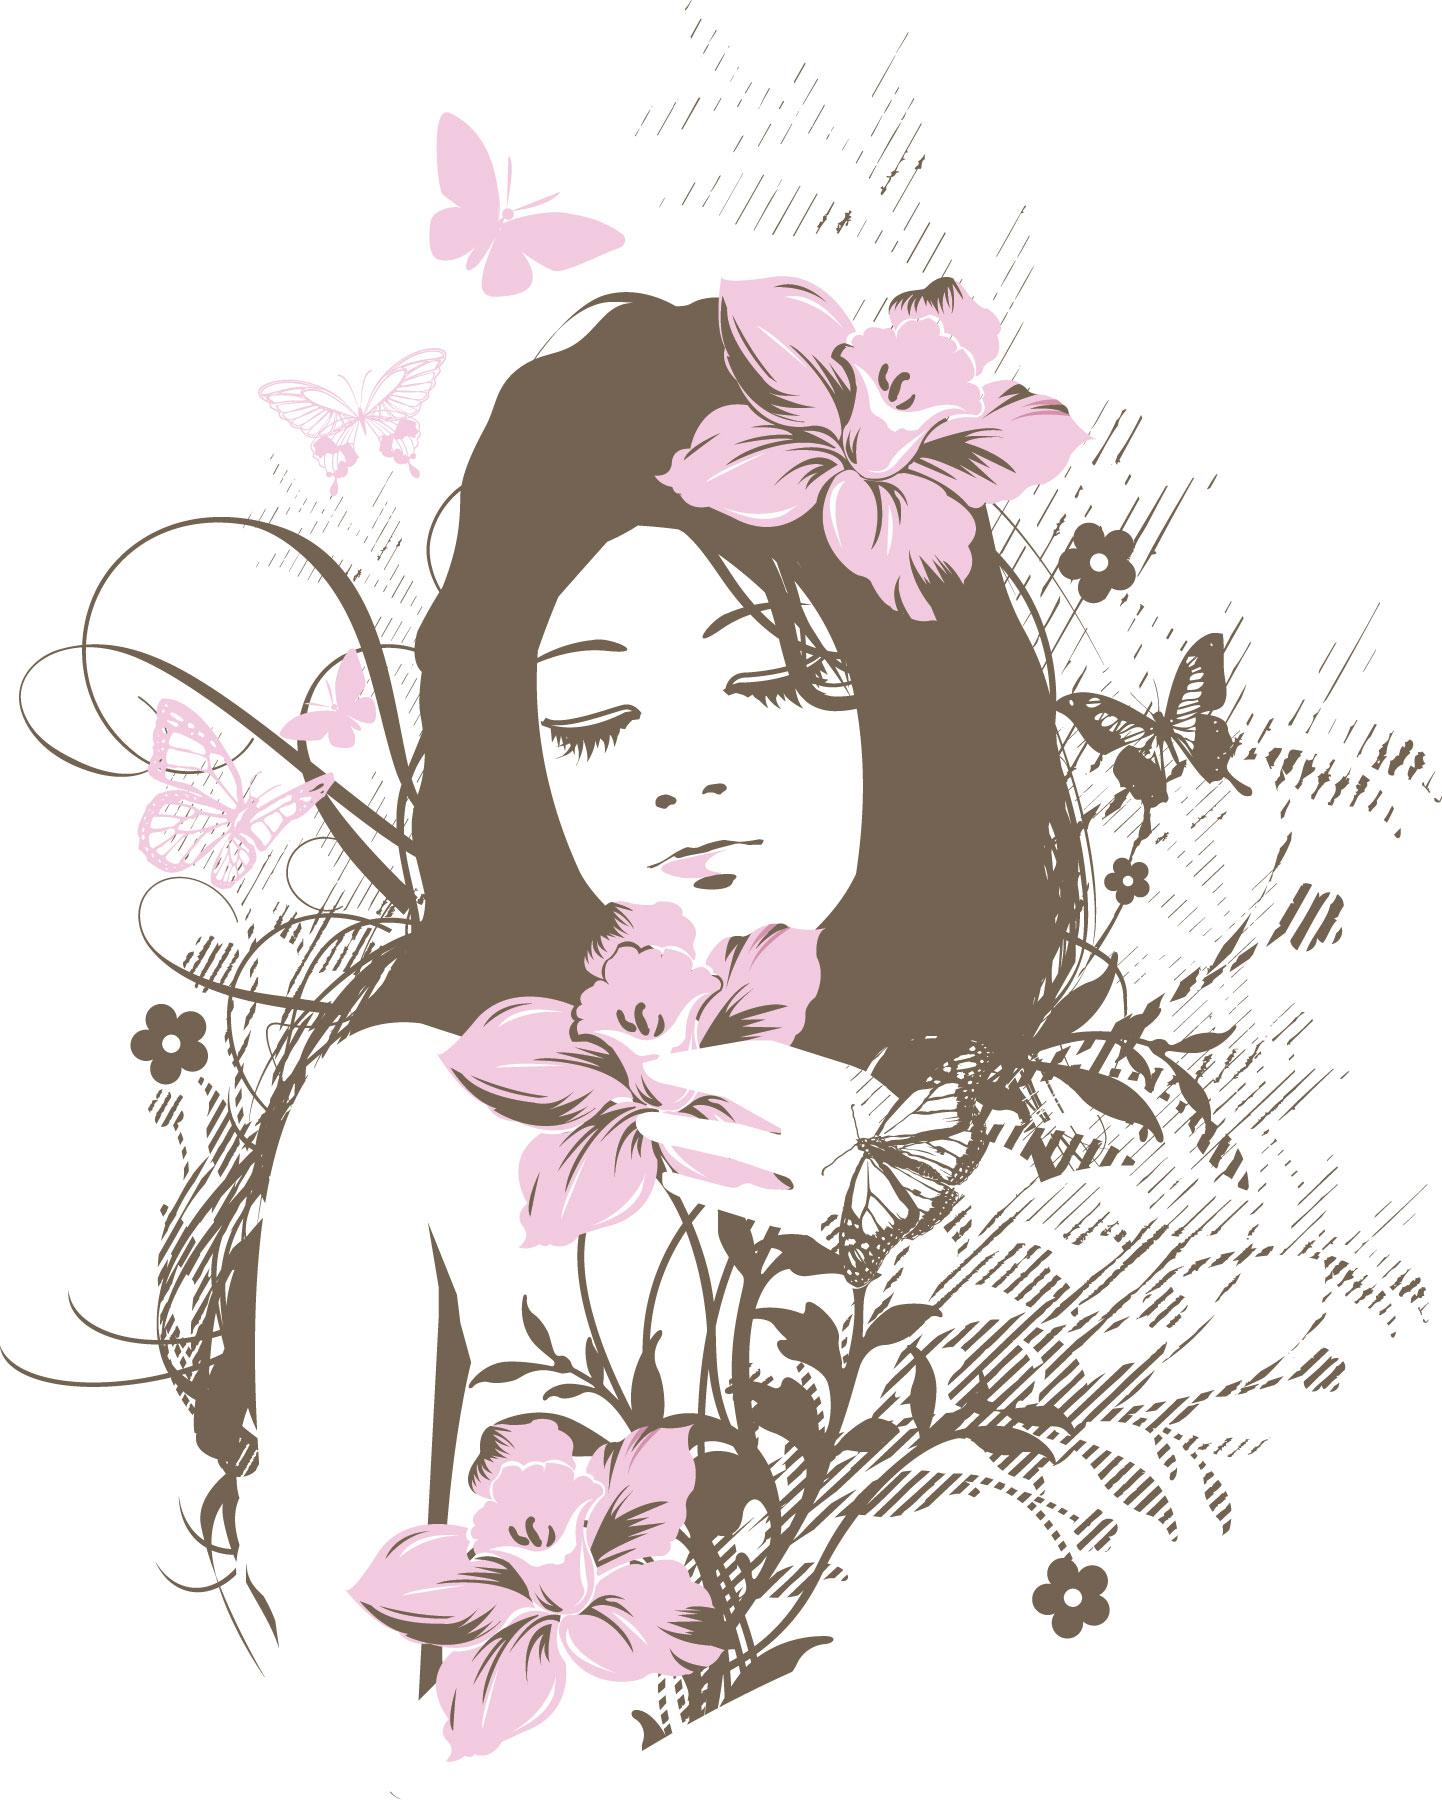 ポップでかわいい花のイラストフリー素材no067ピンクの花と女性